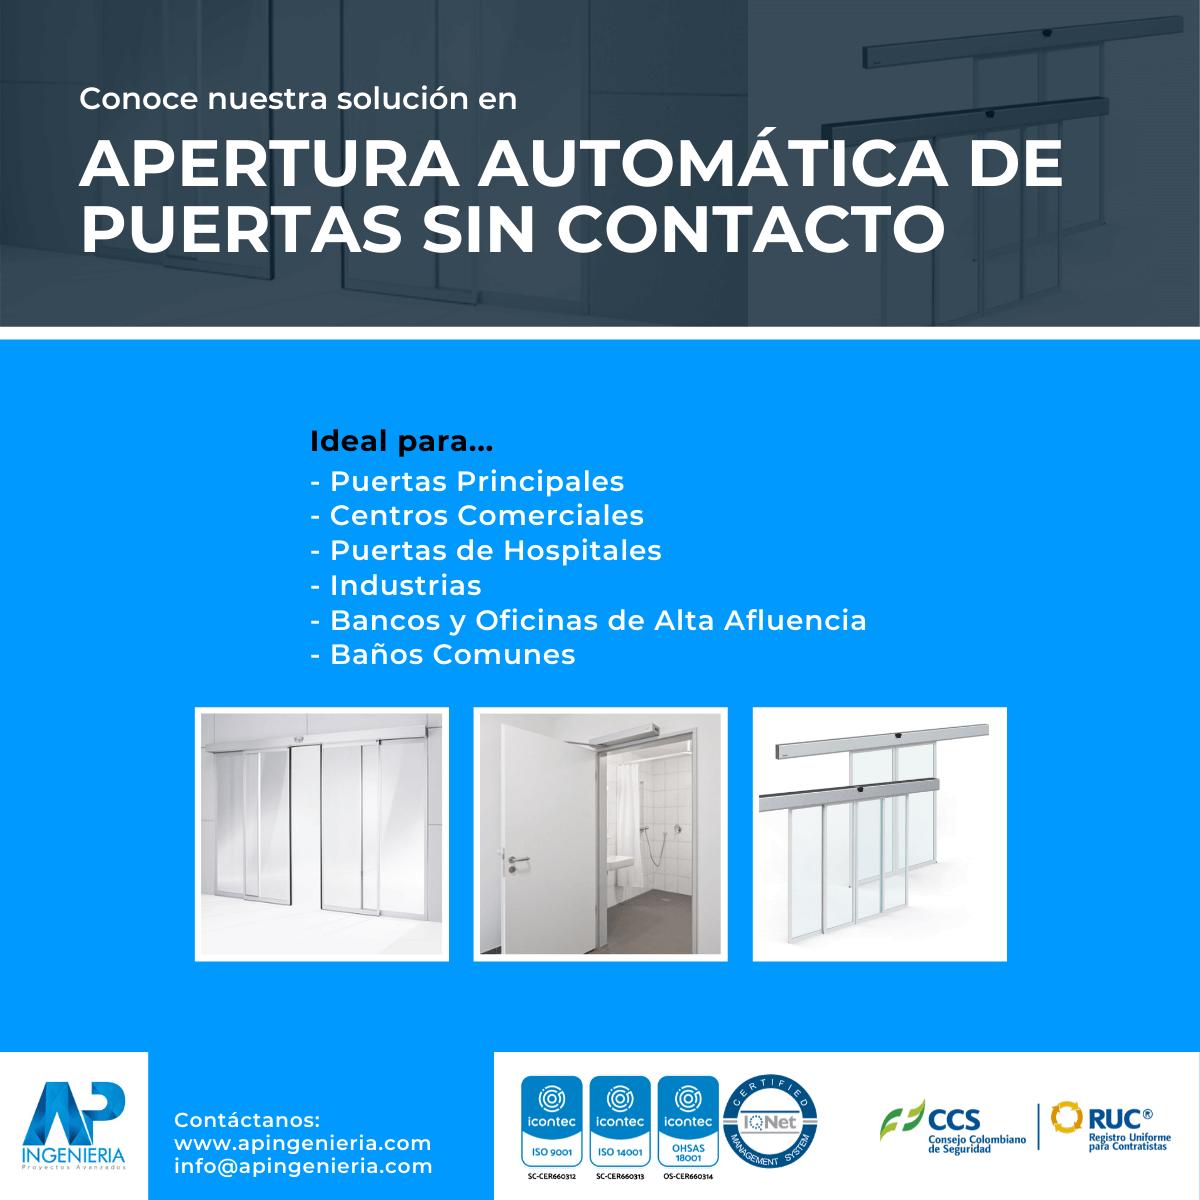 Apertura Automática de Puertas sin Contacto | AP Ingeniería